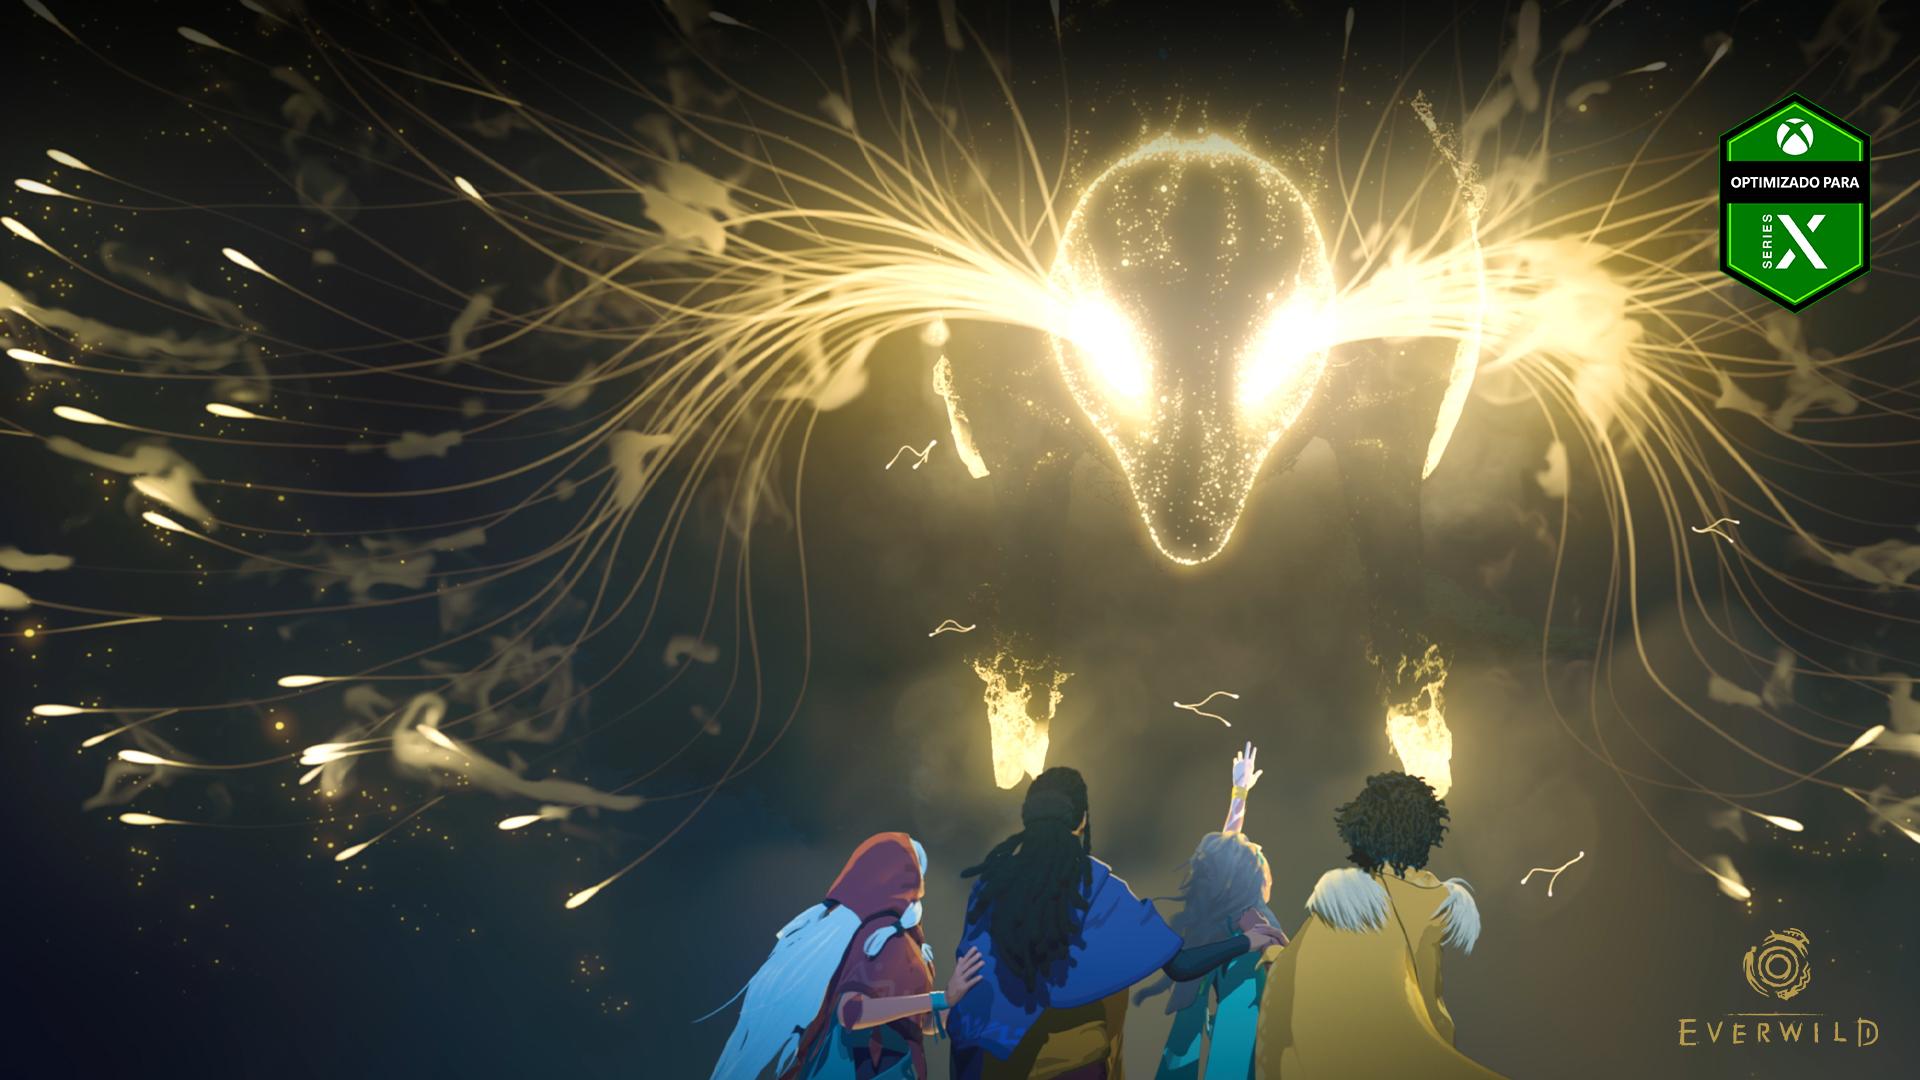 Otimizado para o Series X, Everwild, um grupo de personagens, fica embaixo de uma cabeça de veado feita de luz.